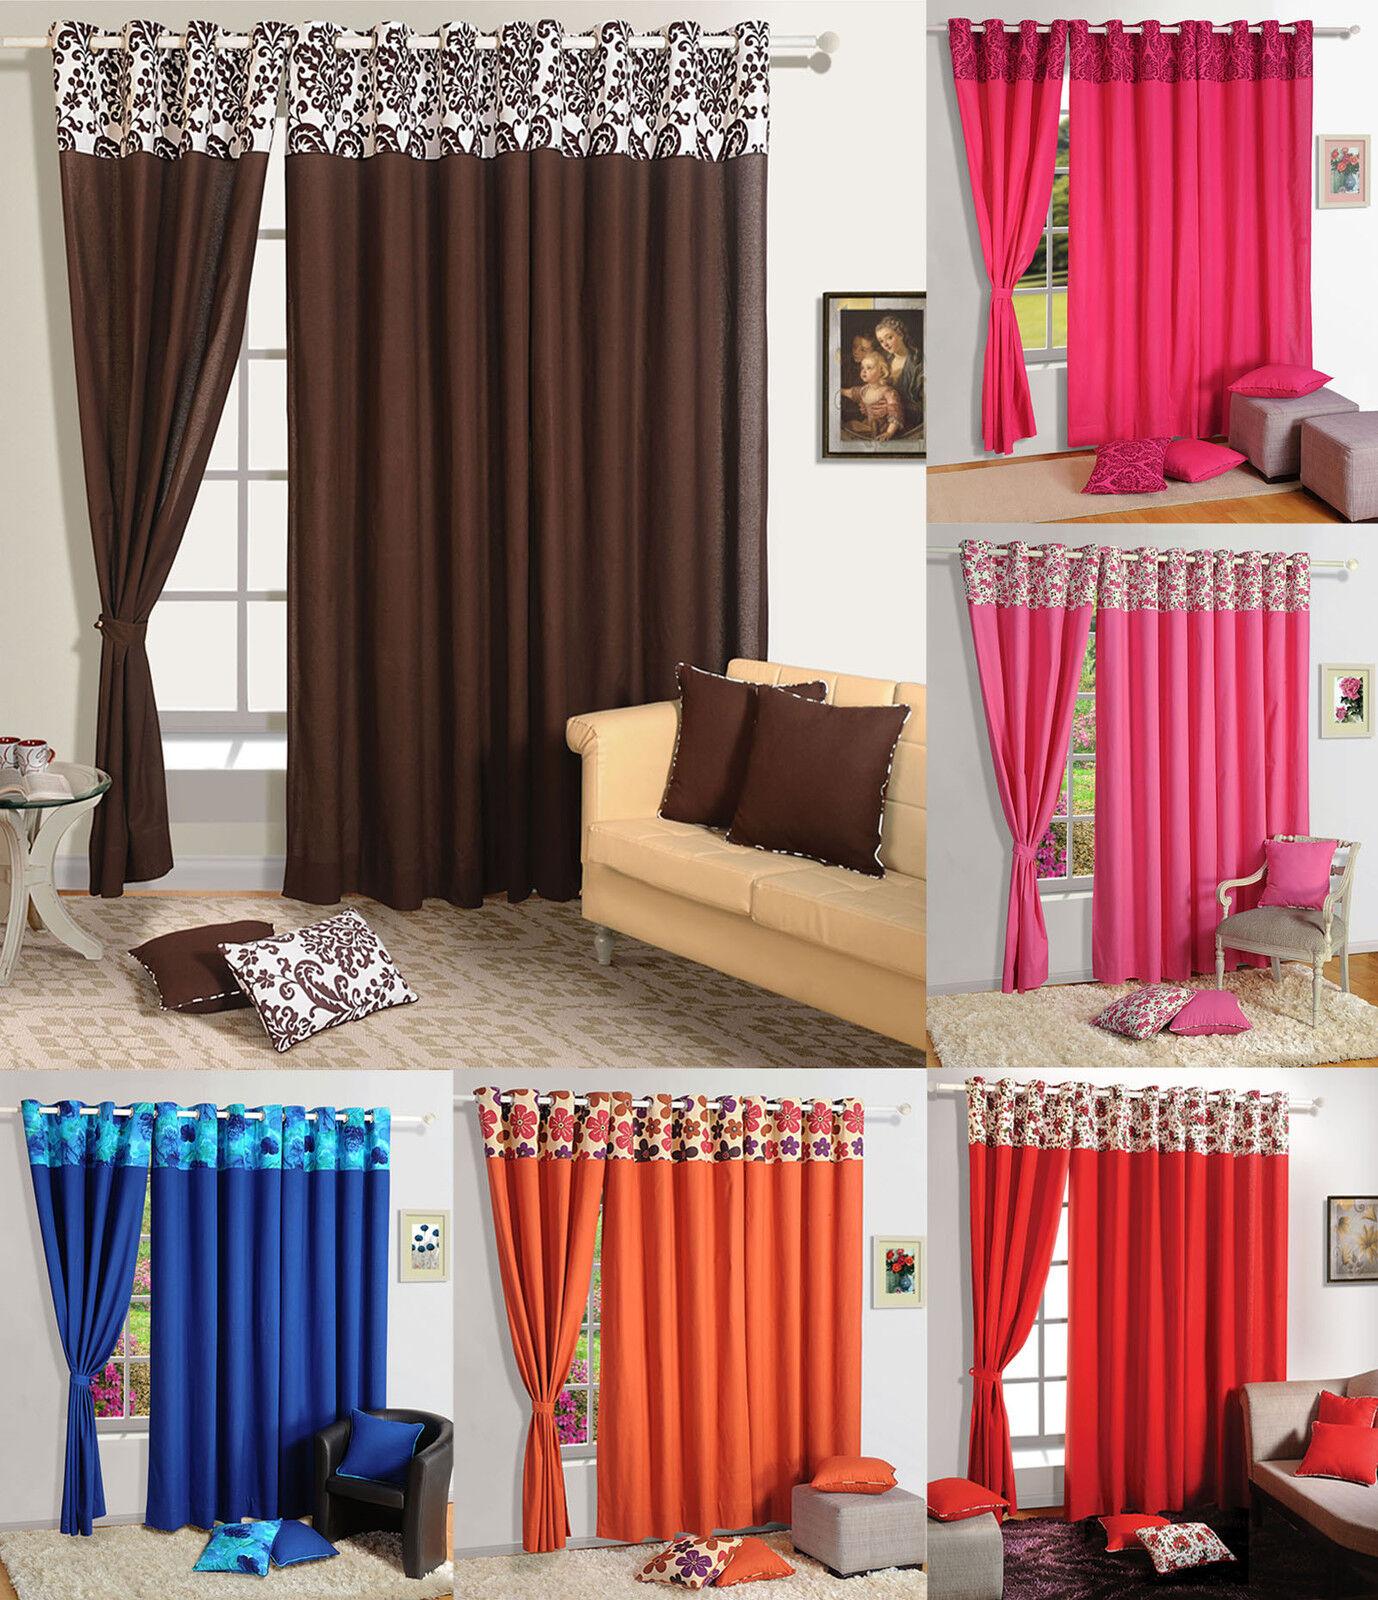 Panel de la puerta del dormitorio Premium Algodón sólida Cortina Cortina De Ventana moderno 6715